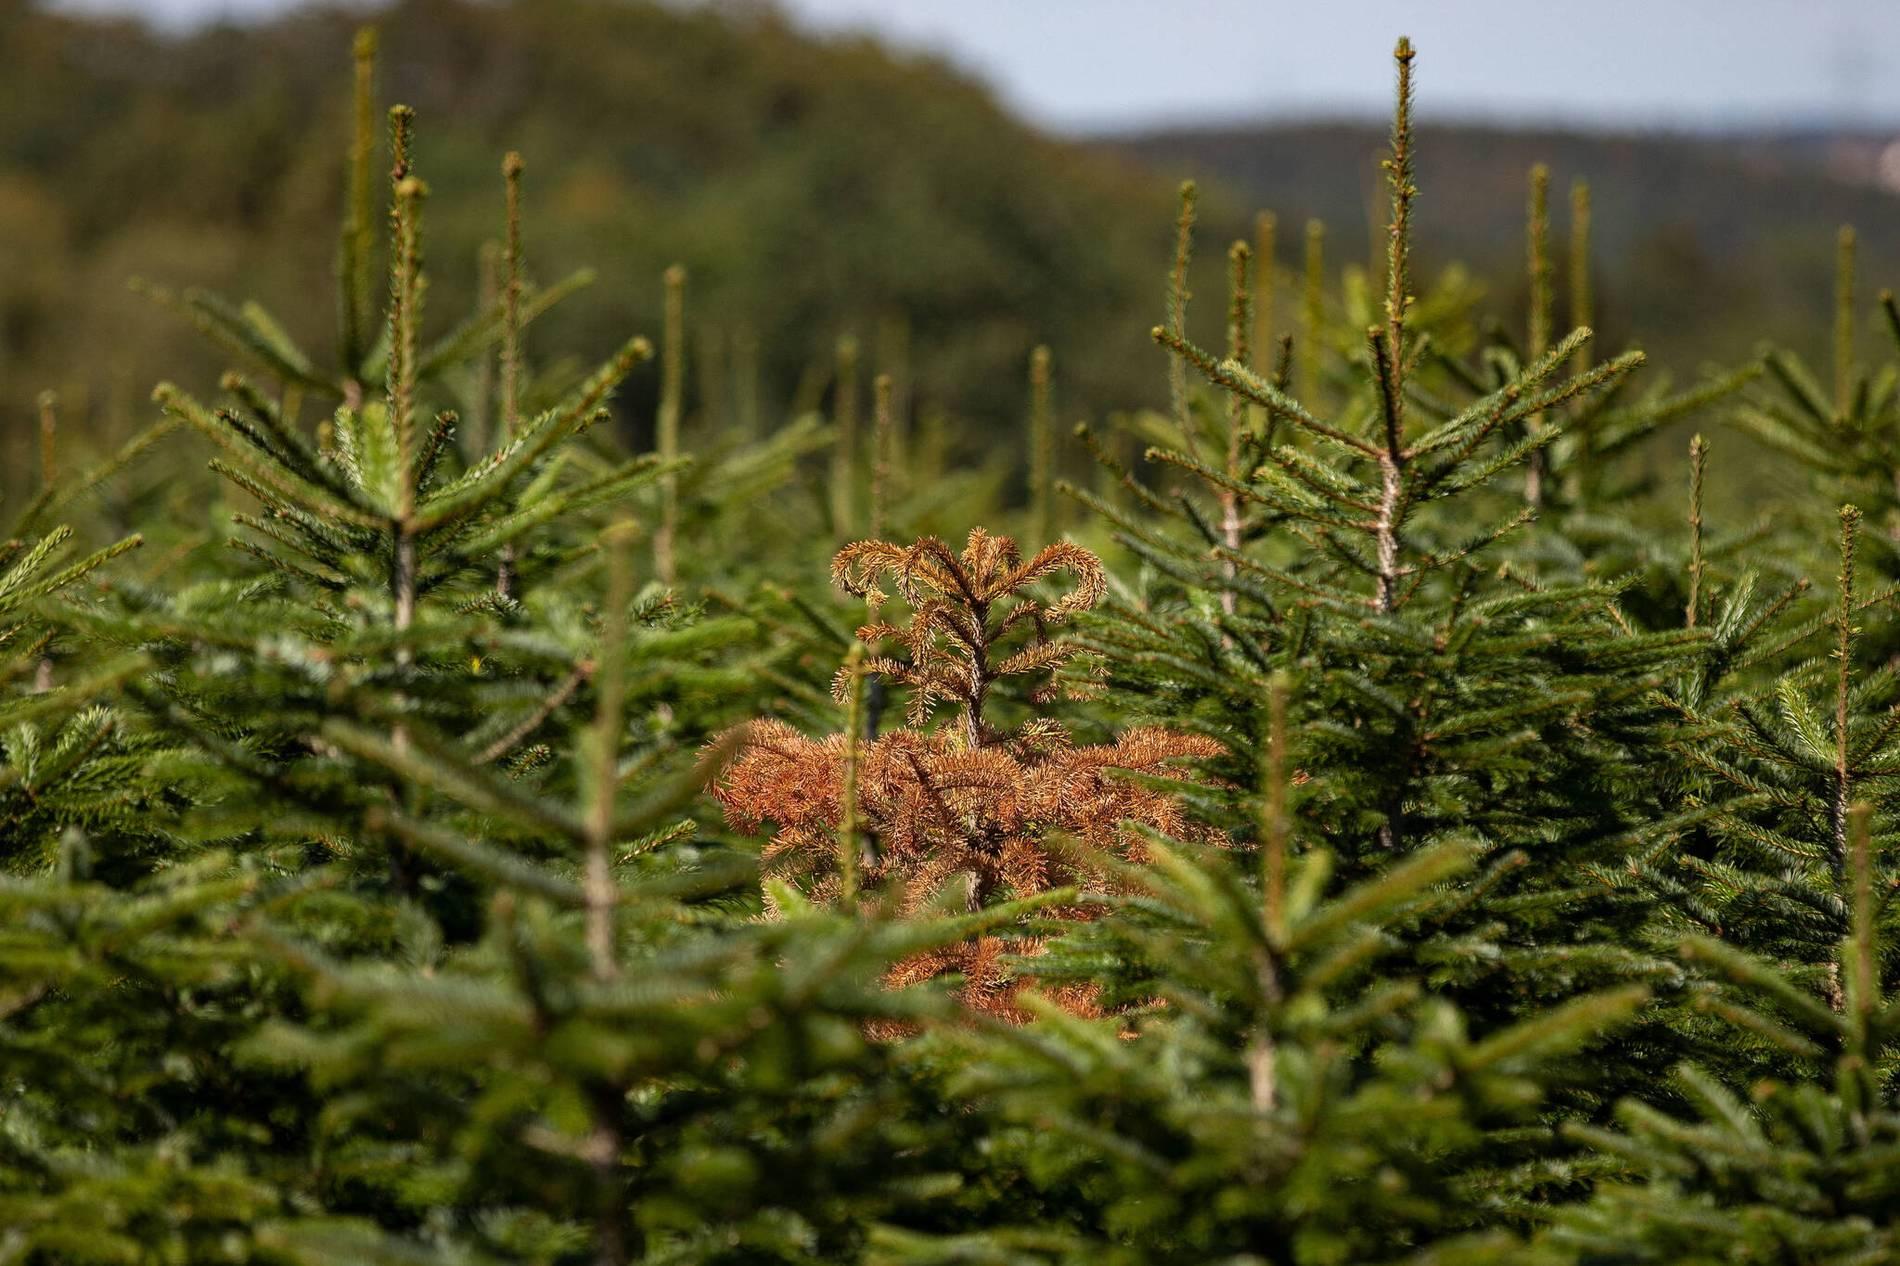 Tannenbaum Preise.Weihnachtsbaum Preise 2018 Bleiben Trotz Hitze Sommer Wohl Stabil